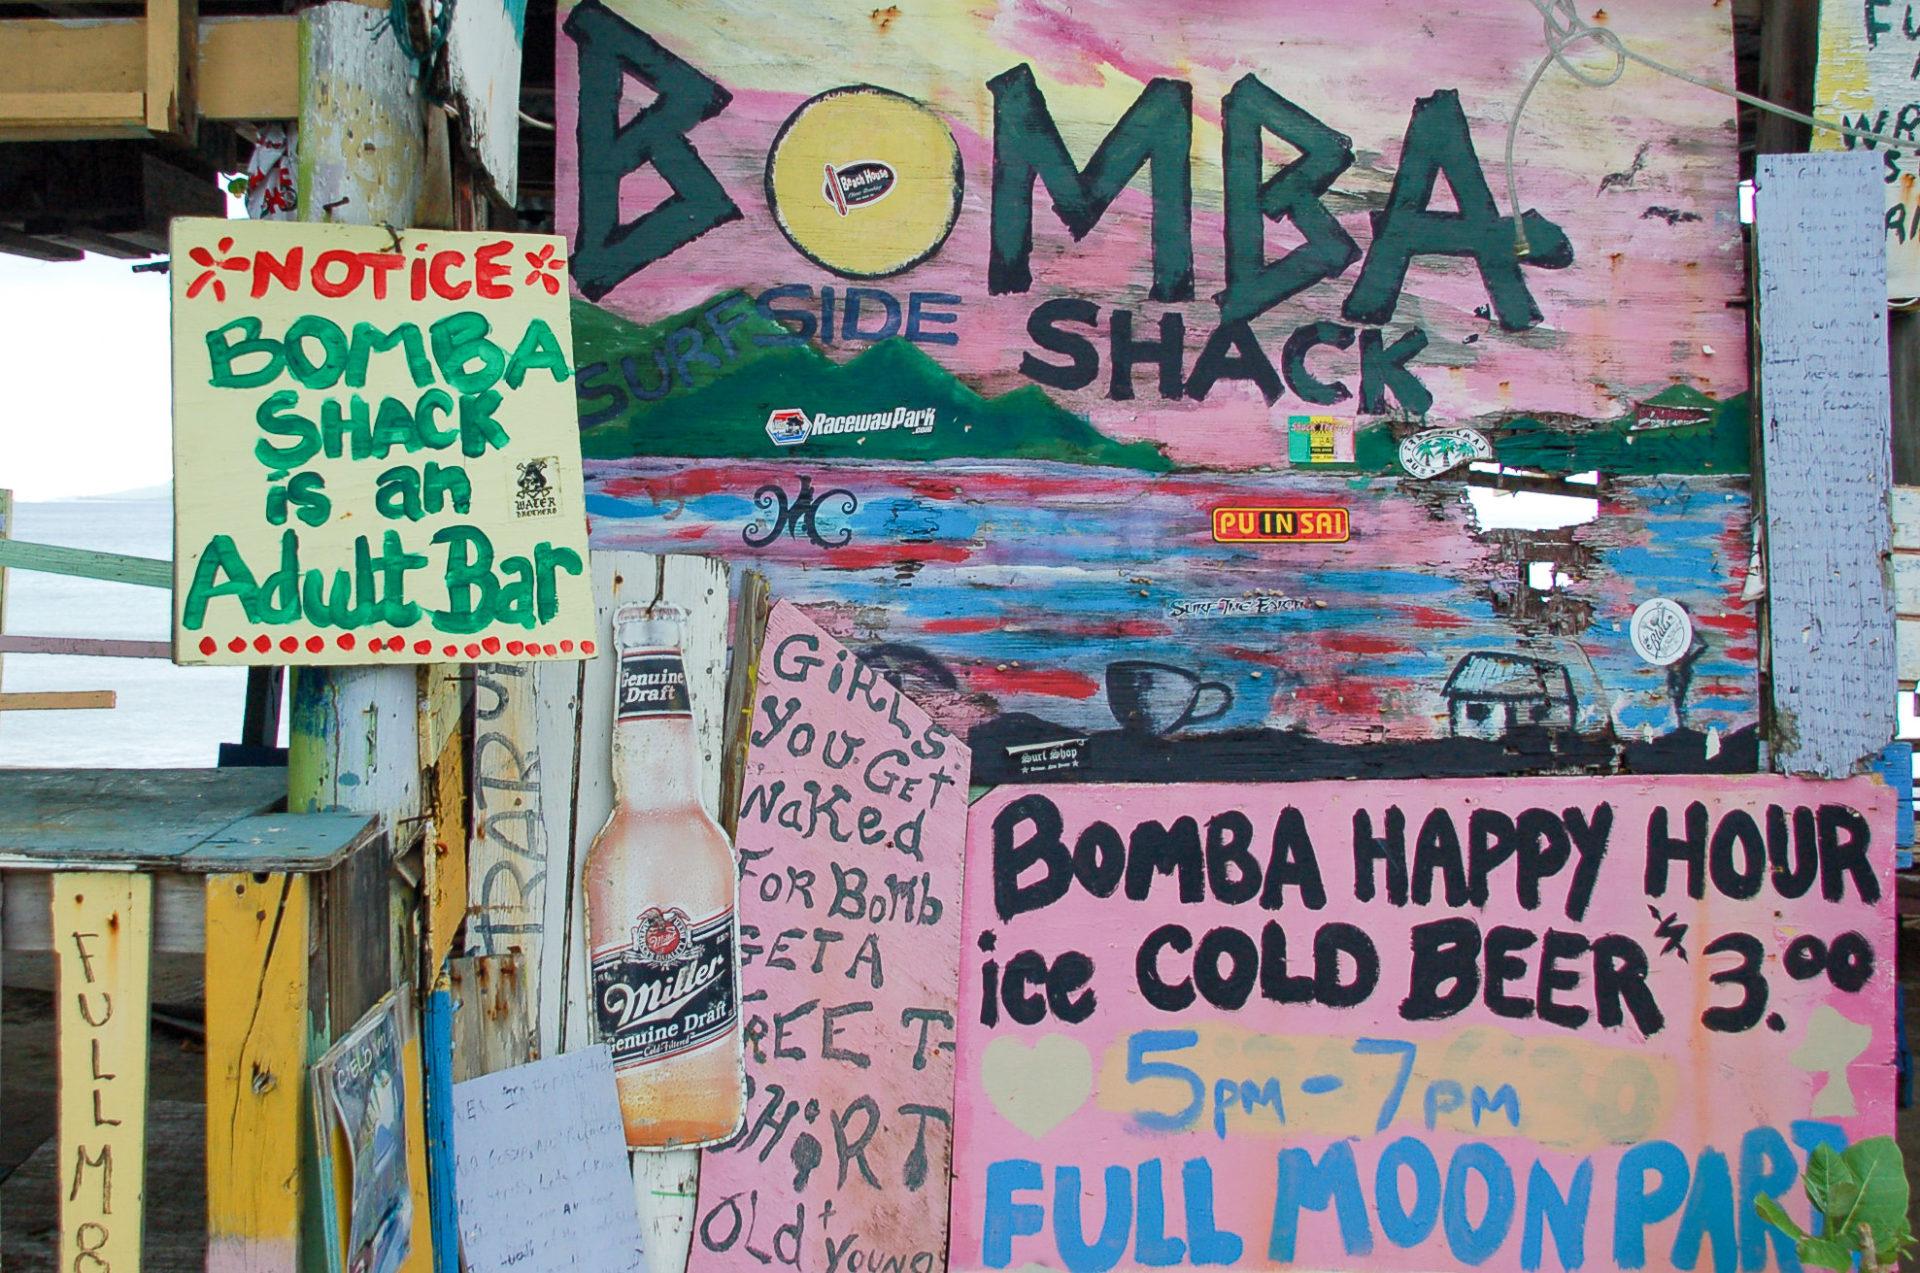 Die Bar Bomba Shack nach der Einreise auf die British Virgin Islands